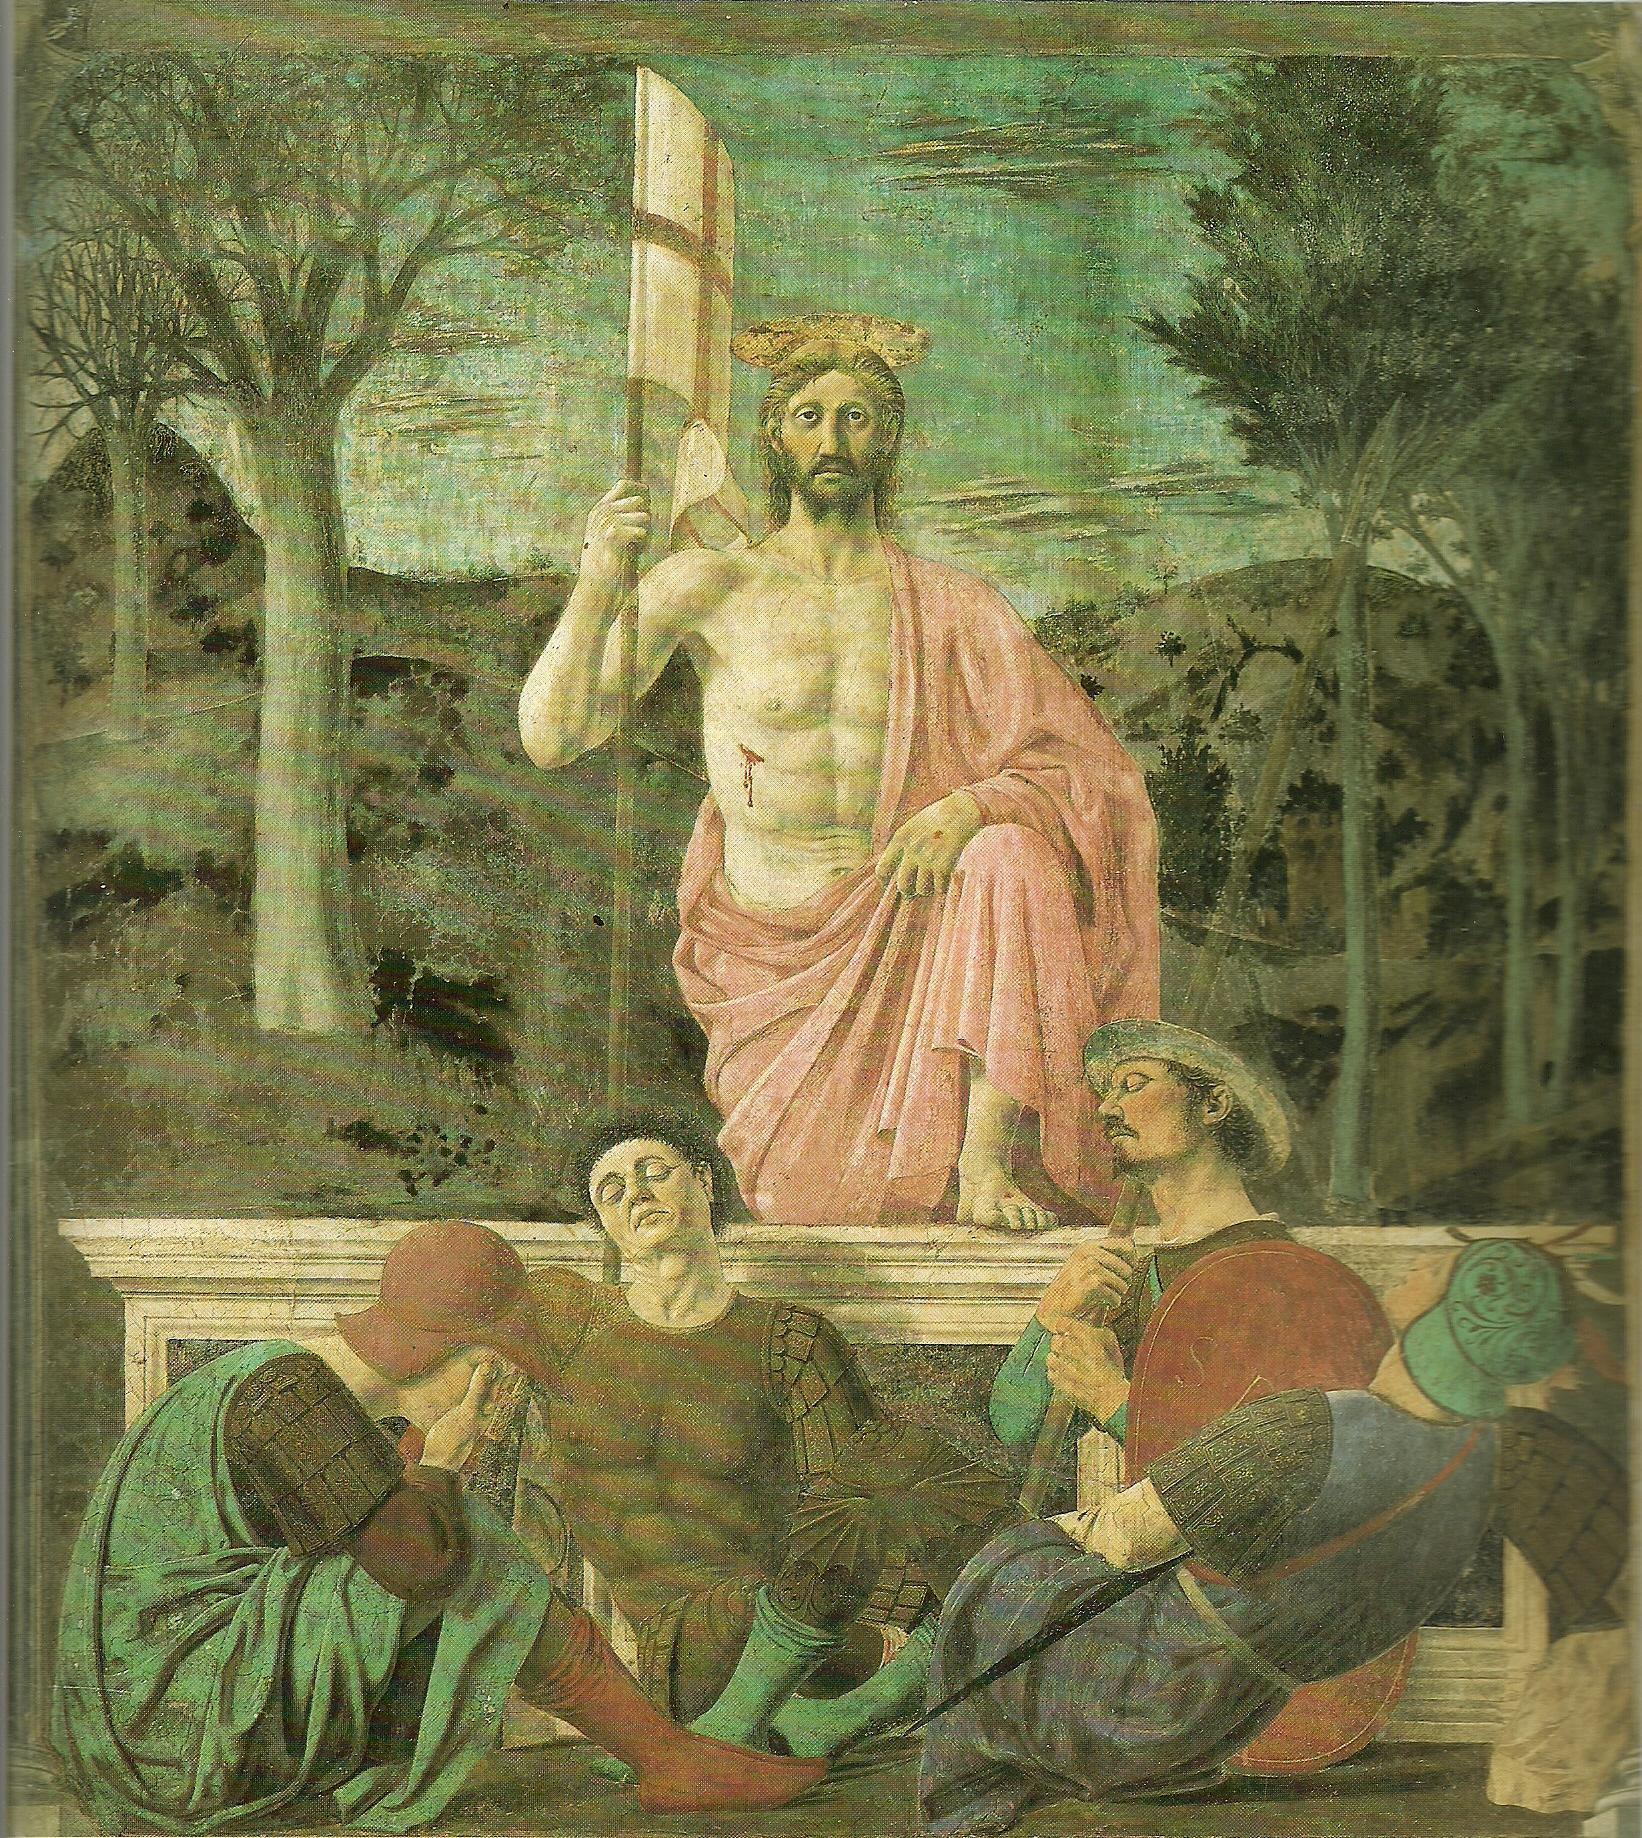 基督复活The Resurrection(视频)皮耶罗·德拉·弗朗西斯卡Piero della Francesca - 水木白艺术坊 - 贵阳画室 高考美术培训